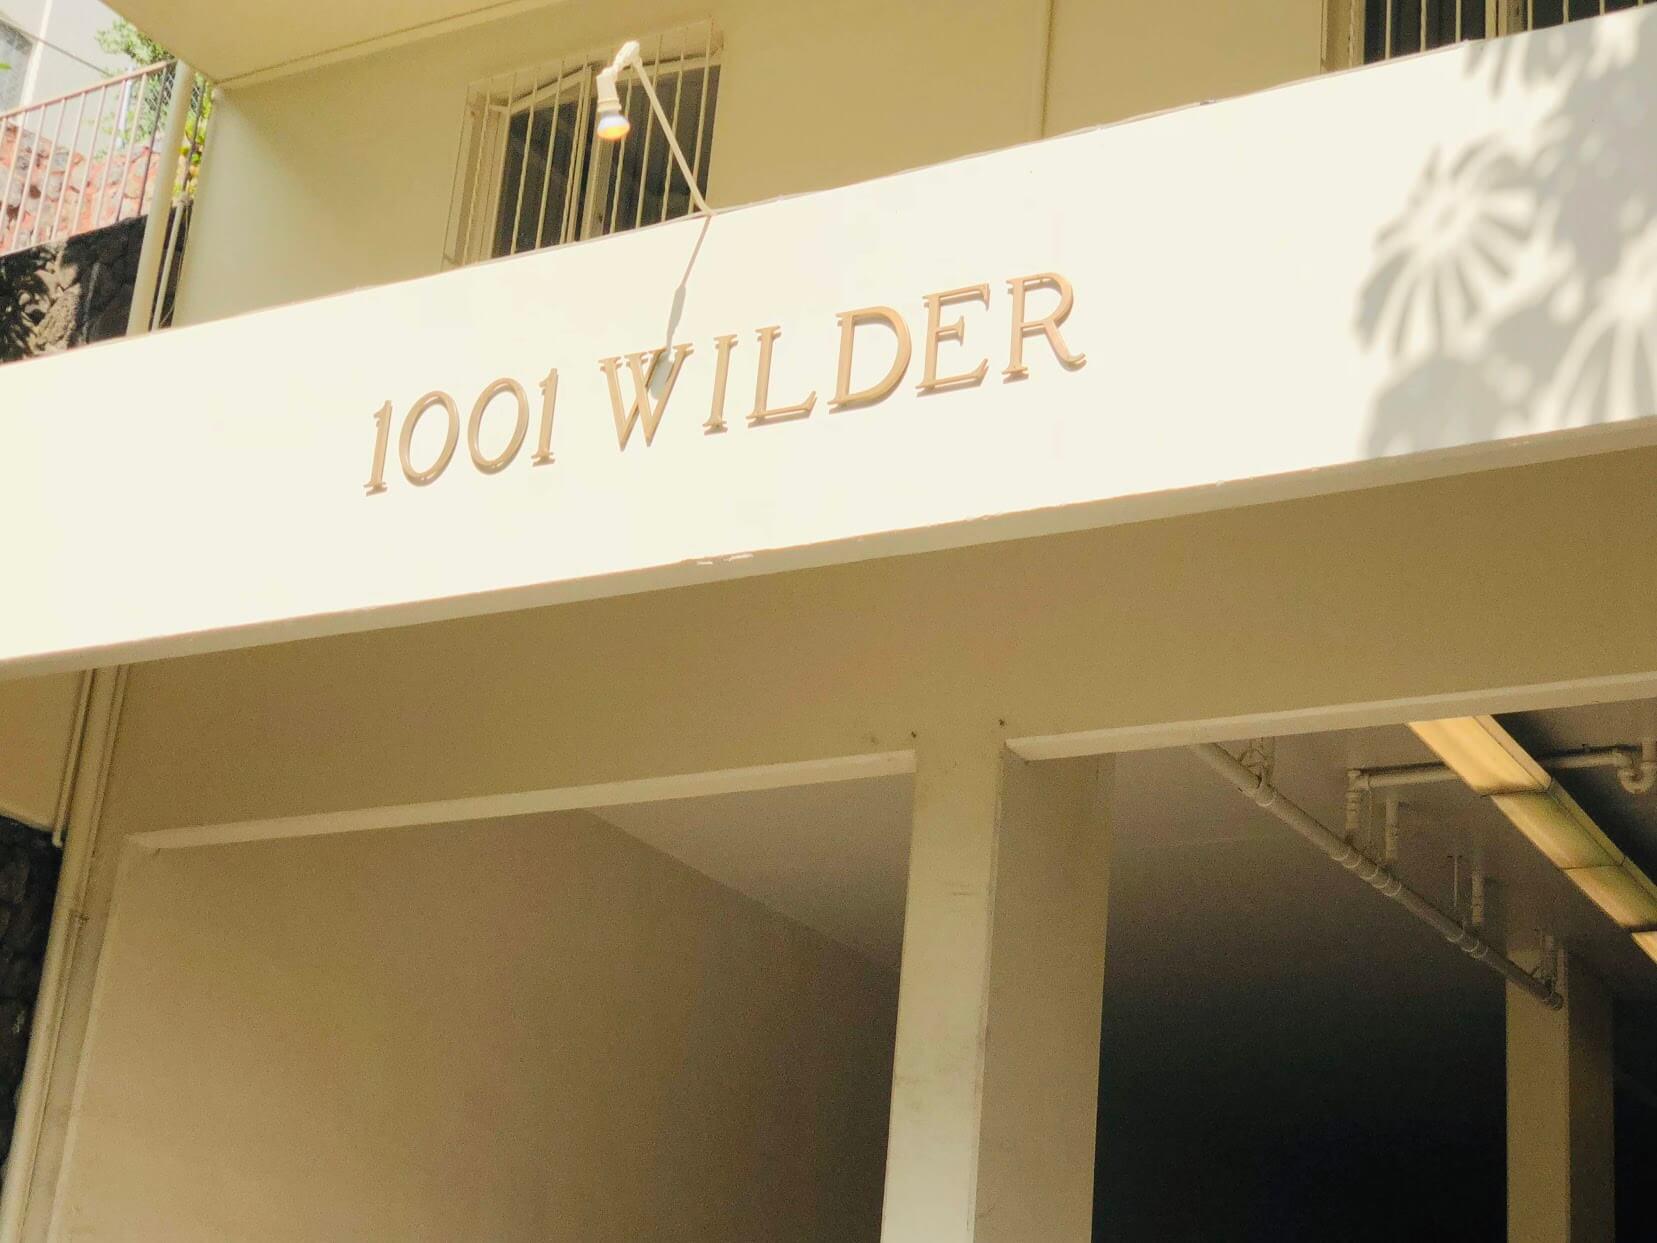 1001 Wilderの看板